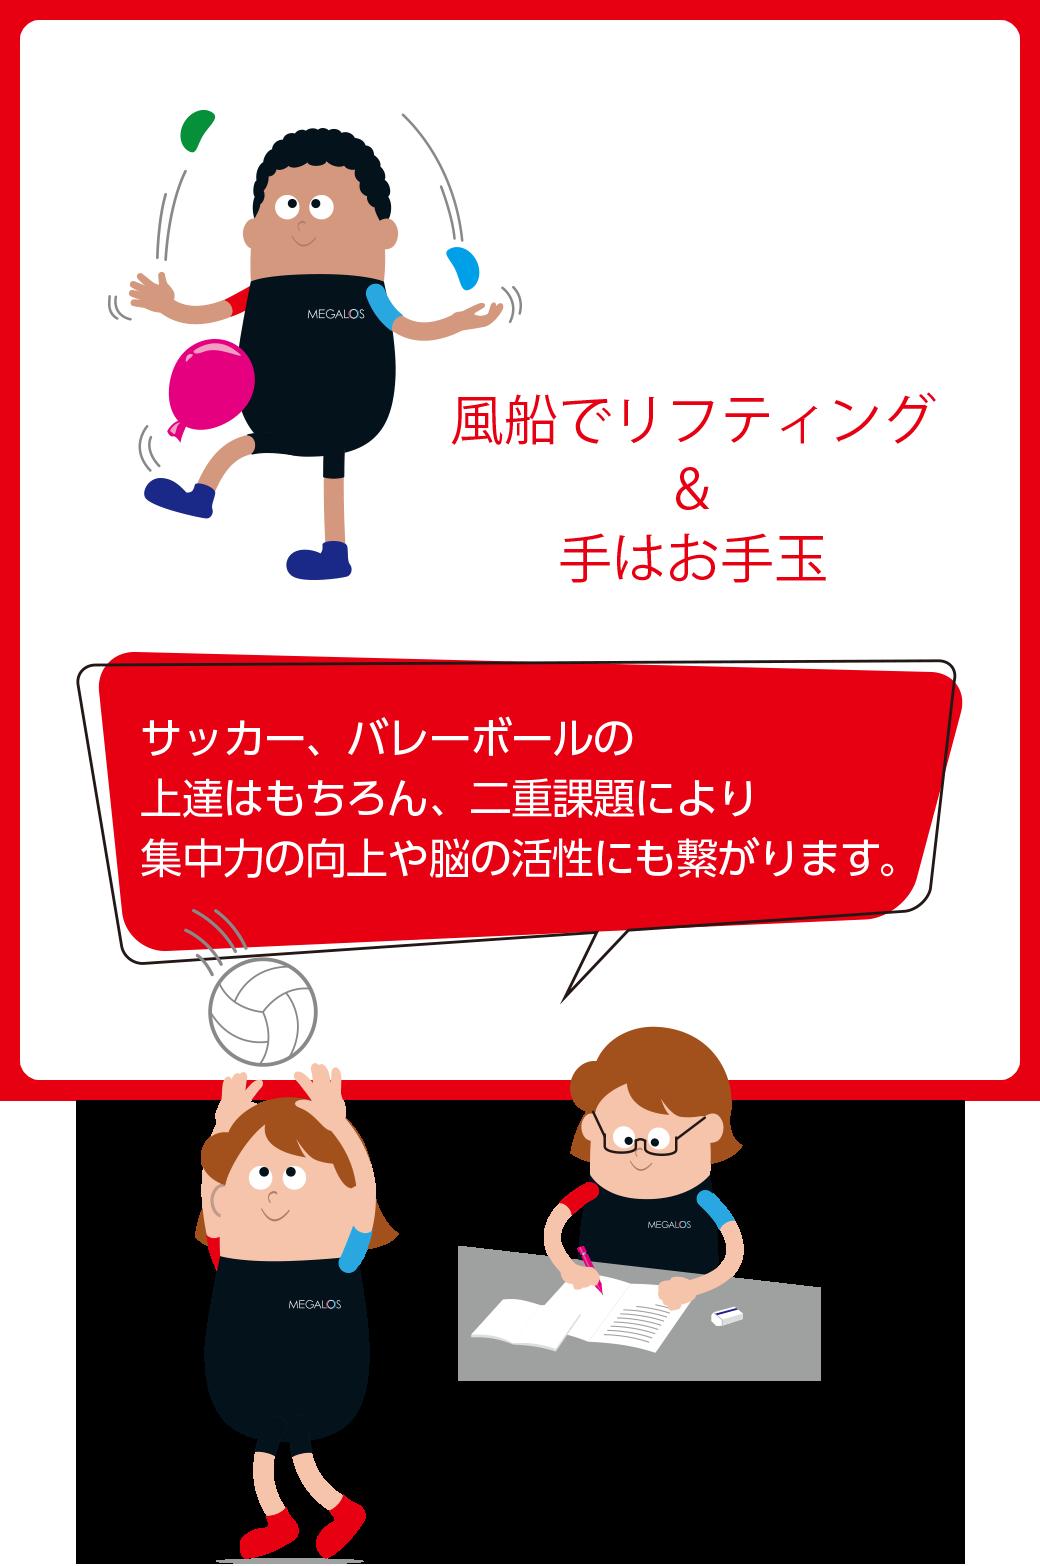 風船でリフティング&手はお手玉 サッカー、バレーボールの上達はもちろん、二重課題により集中力の向上や脳の活性にも繋がります。